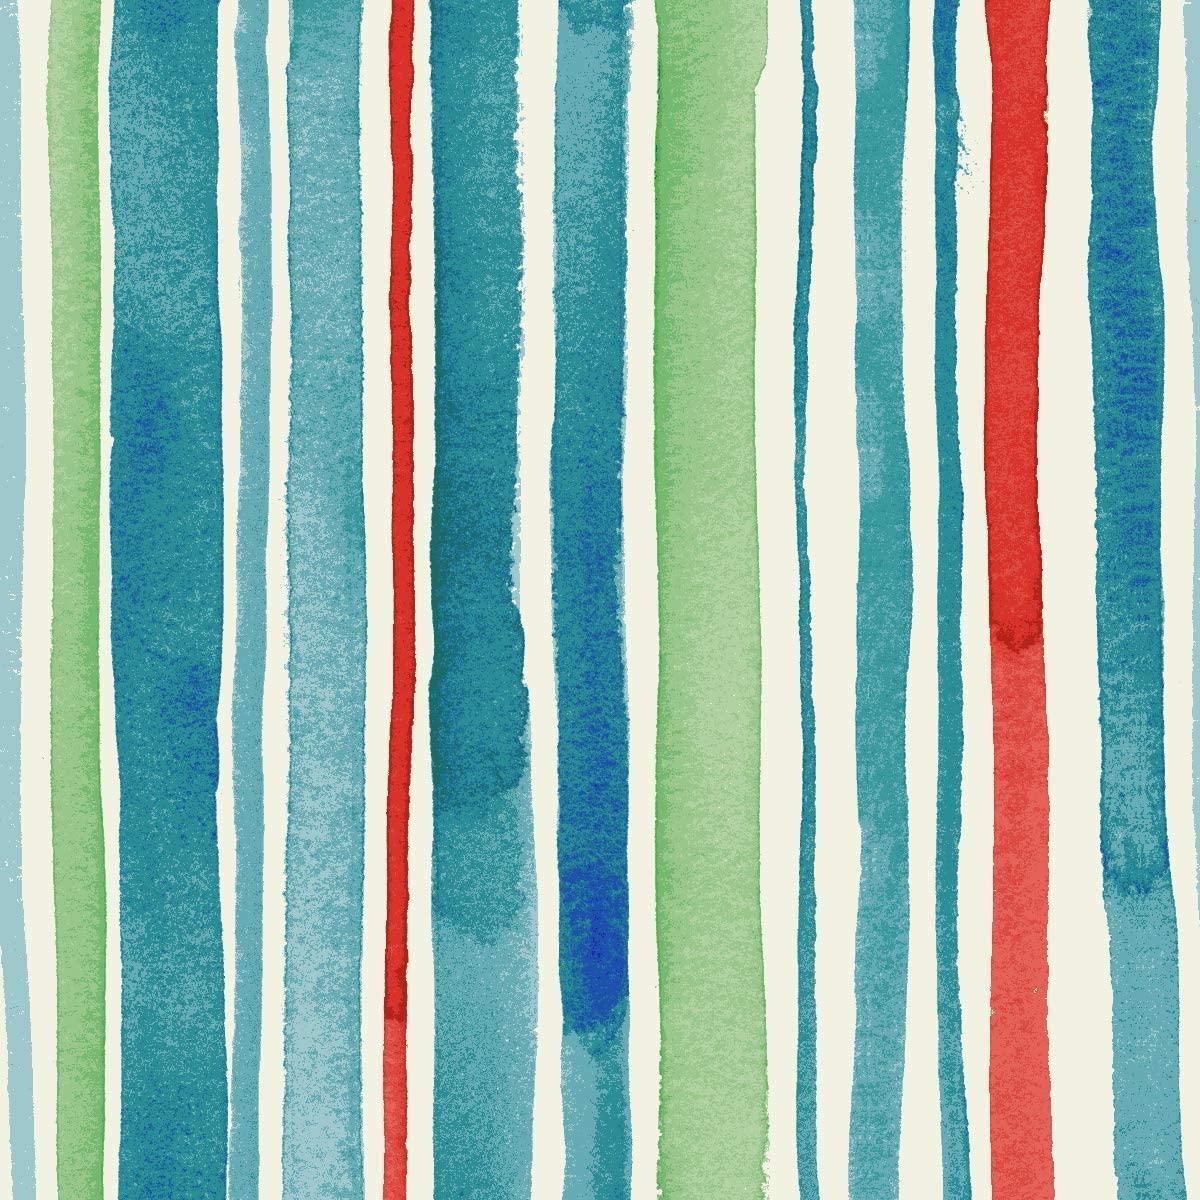 Paul Brent PB Colorful LINE 100% Cotton Prints Fabric 44